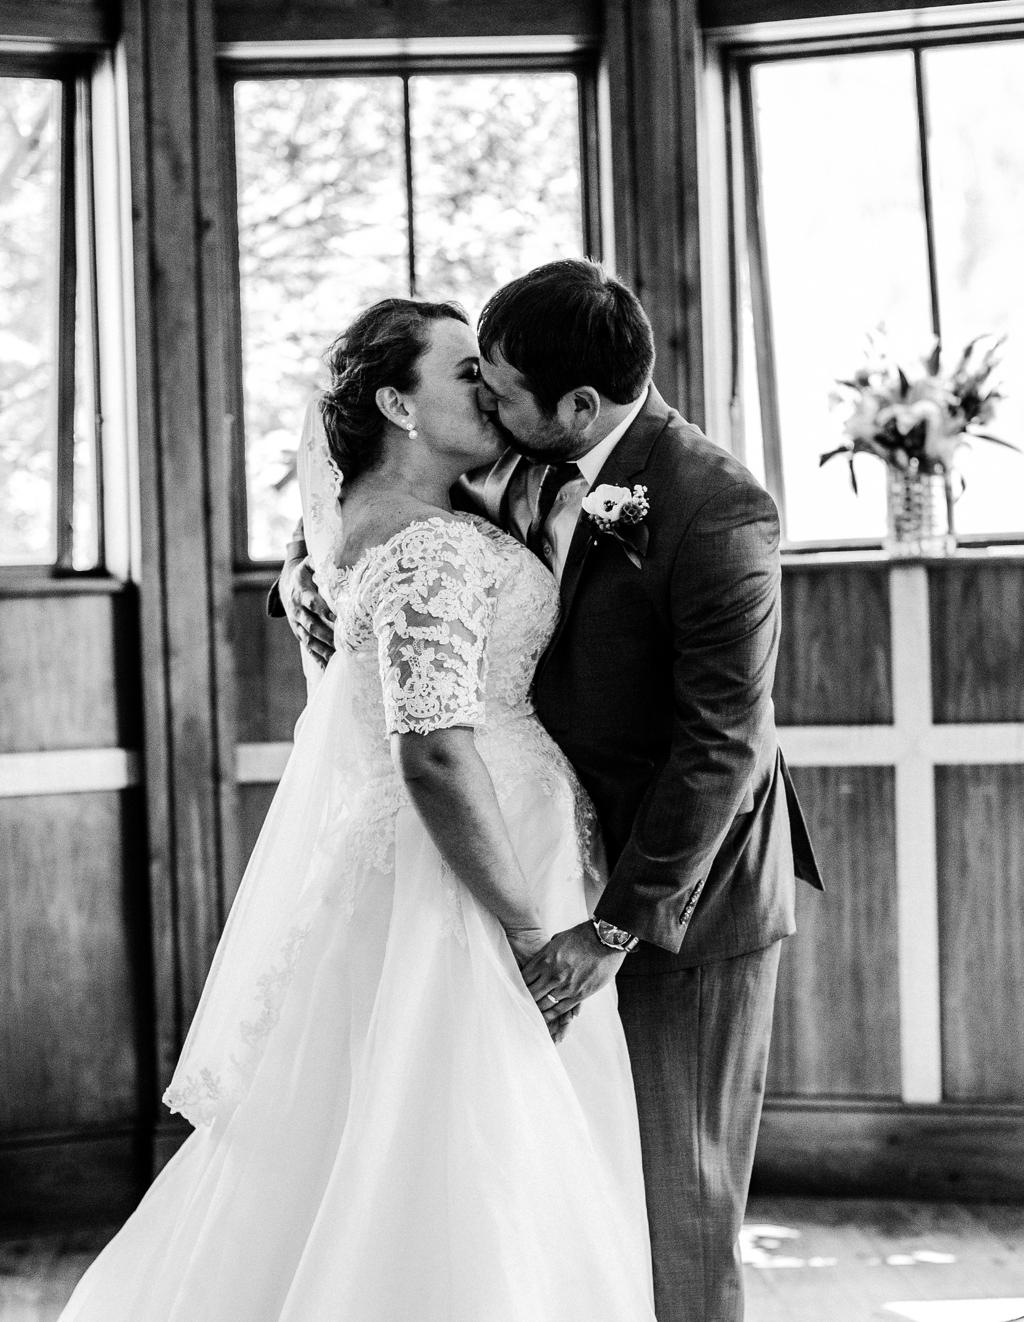 wedding2 7.jpg